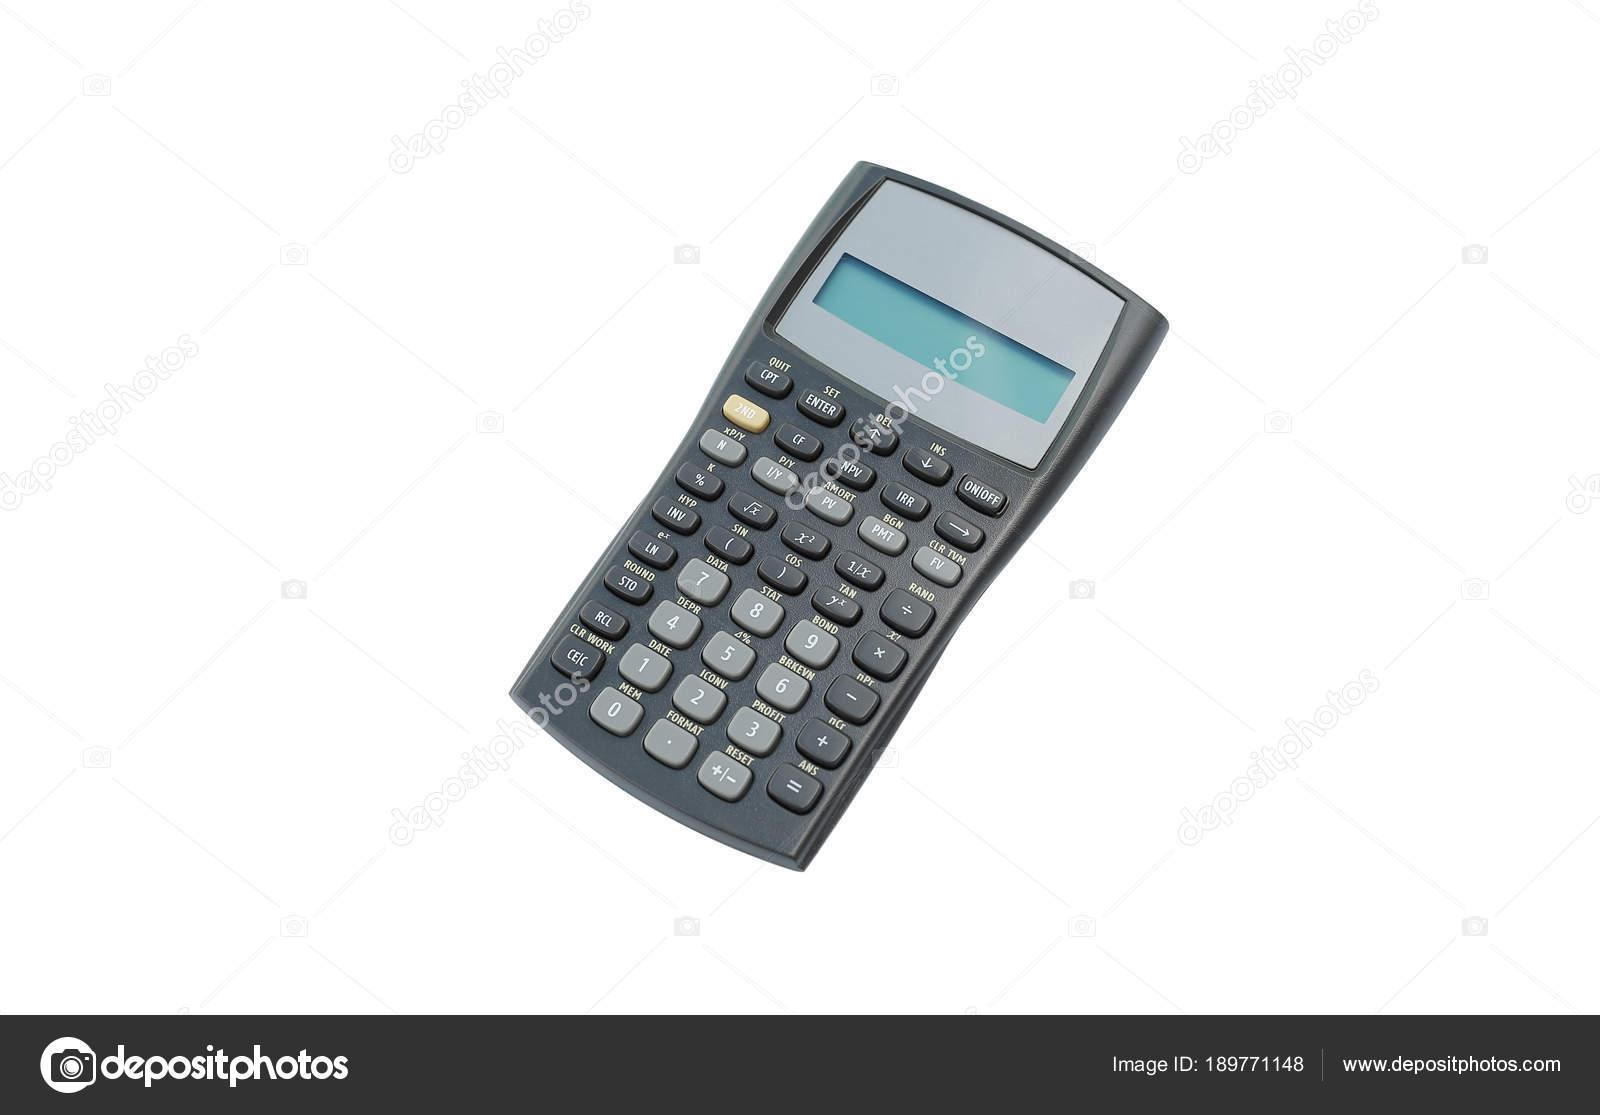 Calcolatrice scientifica radice cubica online dating